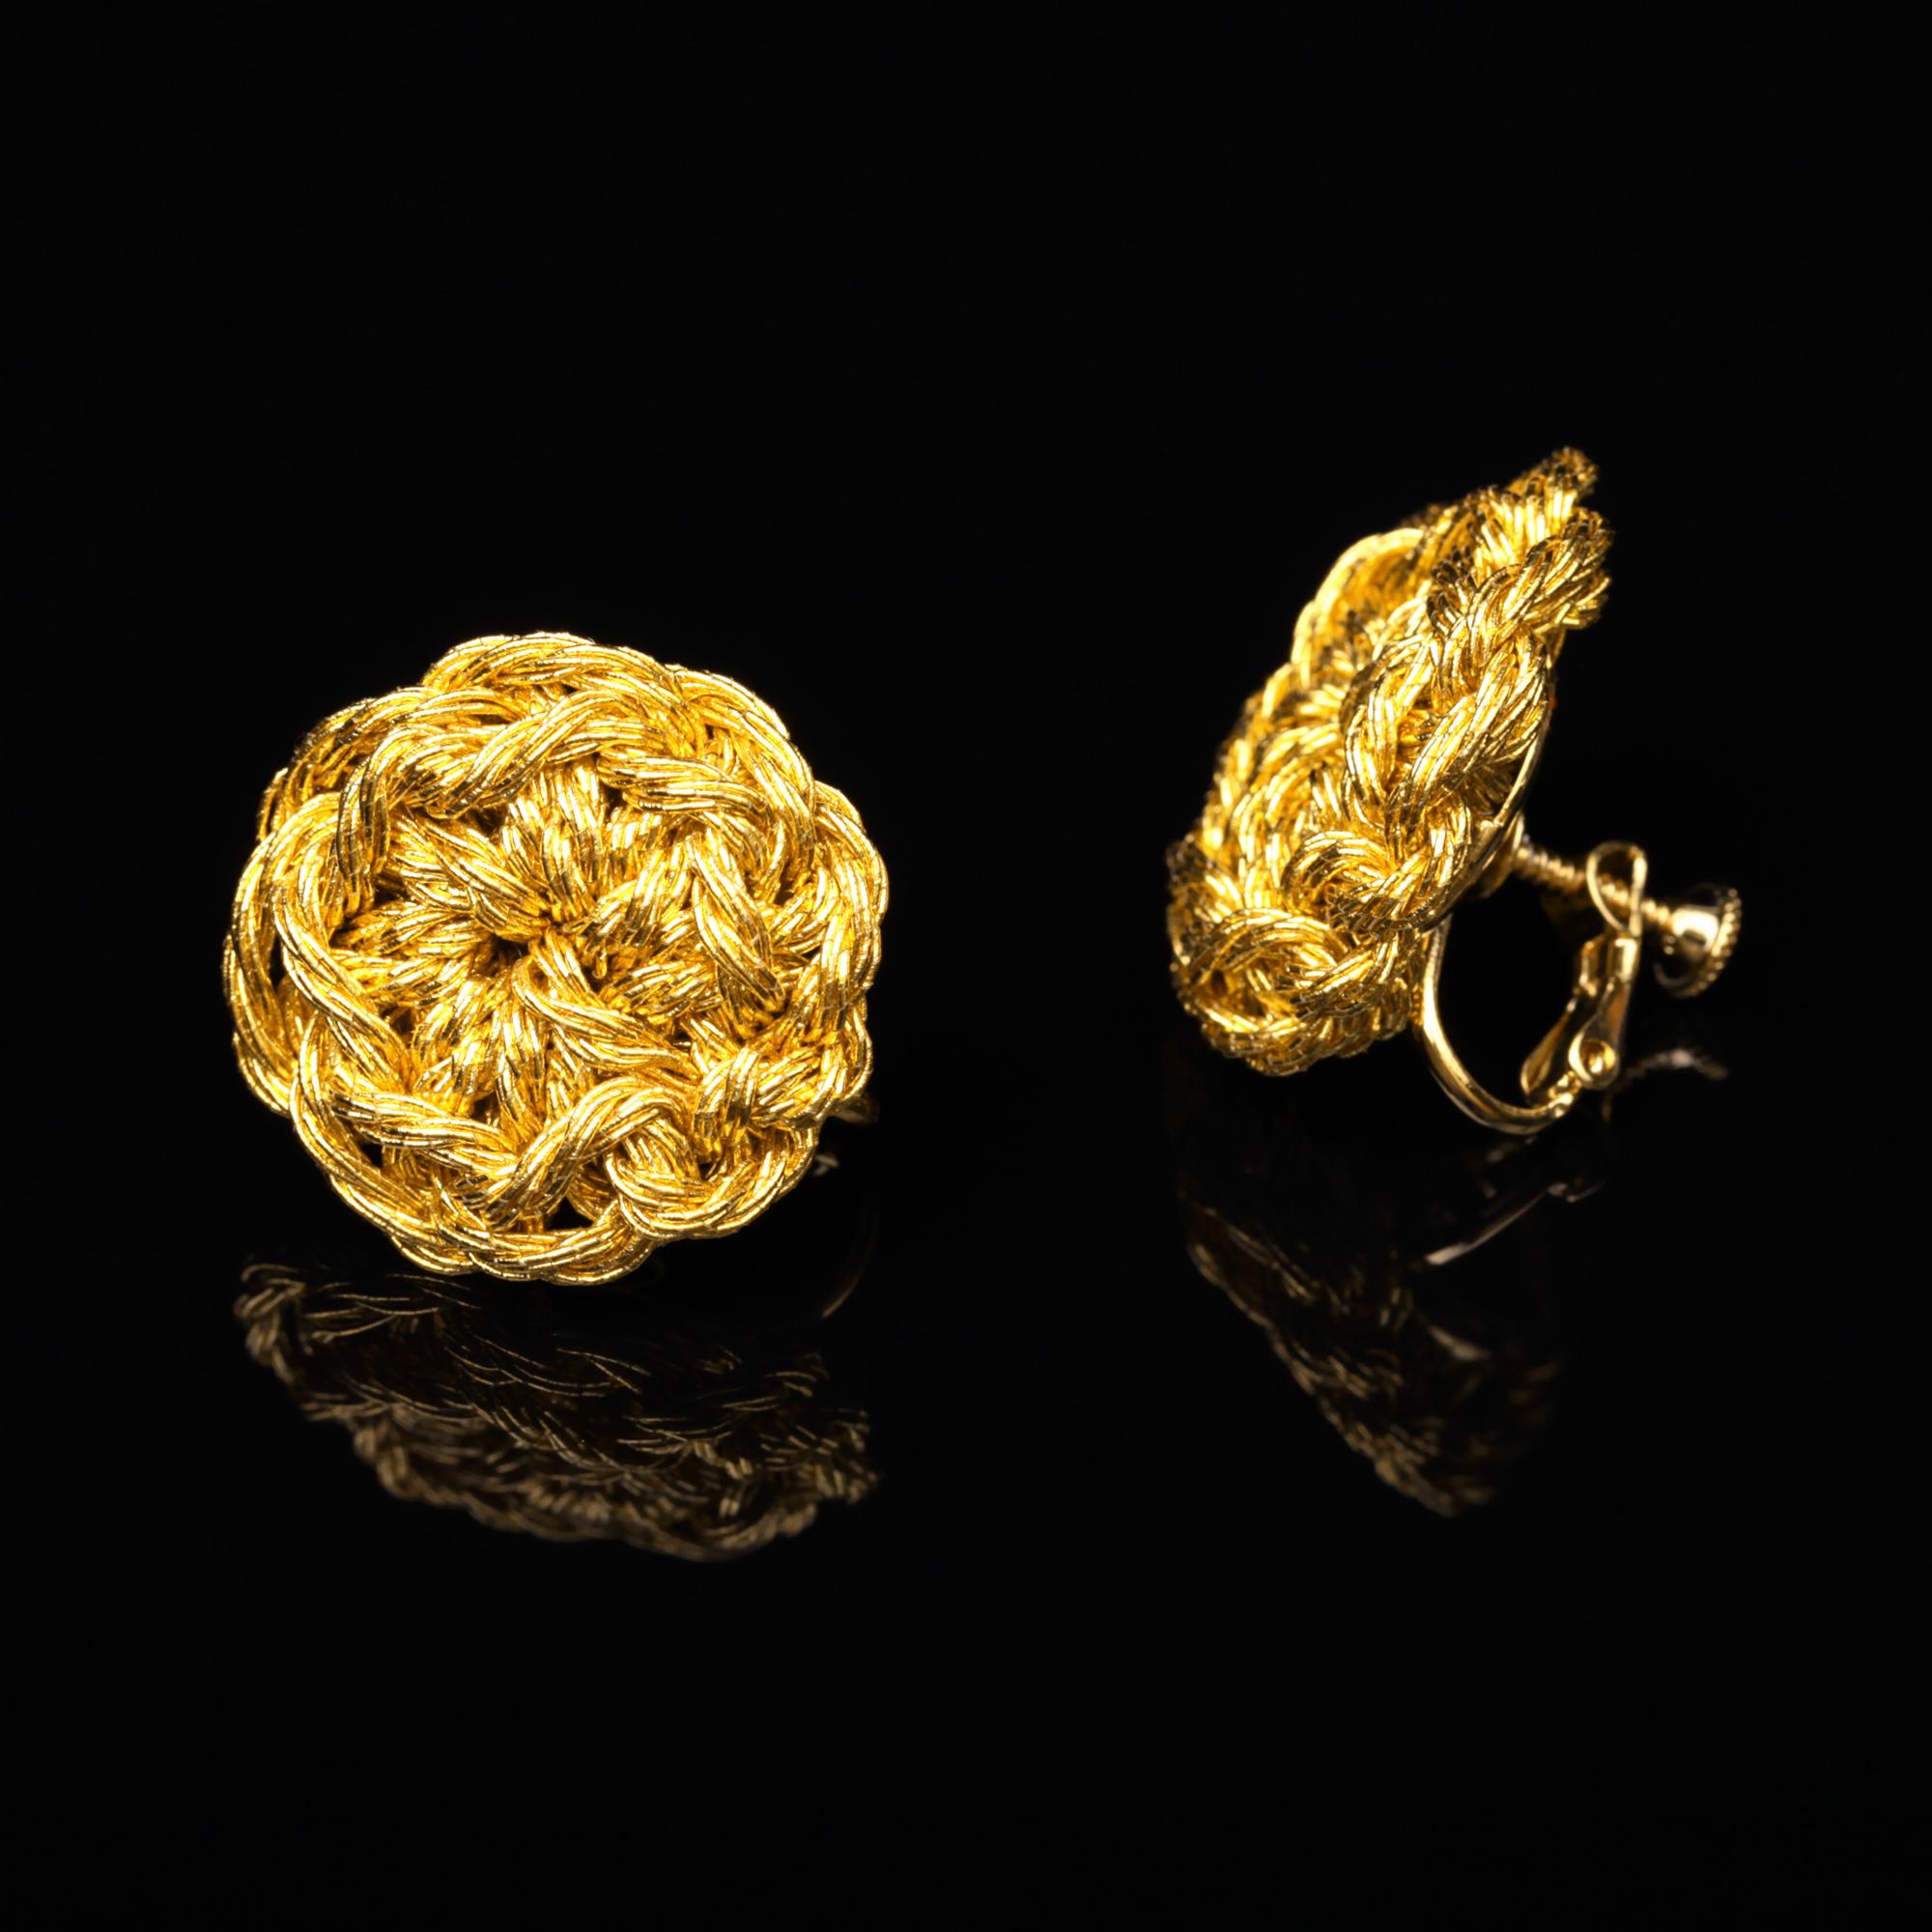 花のデザインが特徴的な和の彩 金銀糸イヤリングの商品写真です。型番:659-172 画像その1